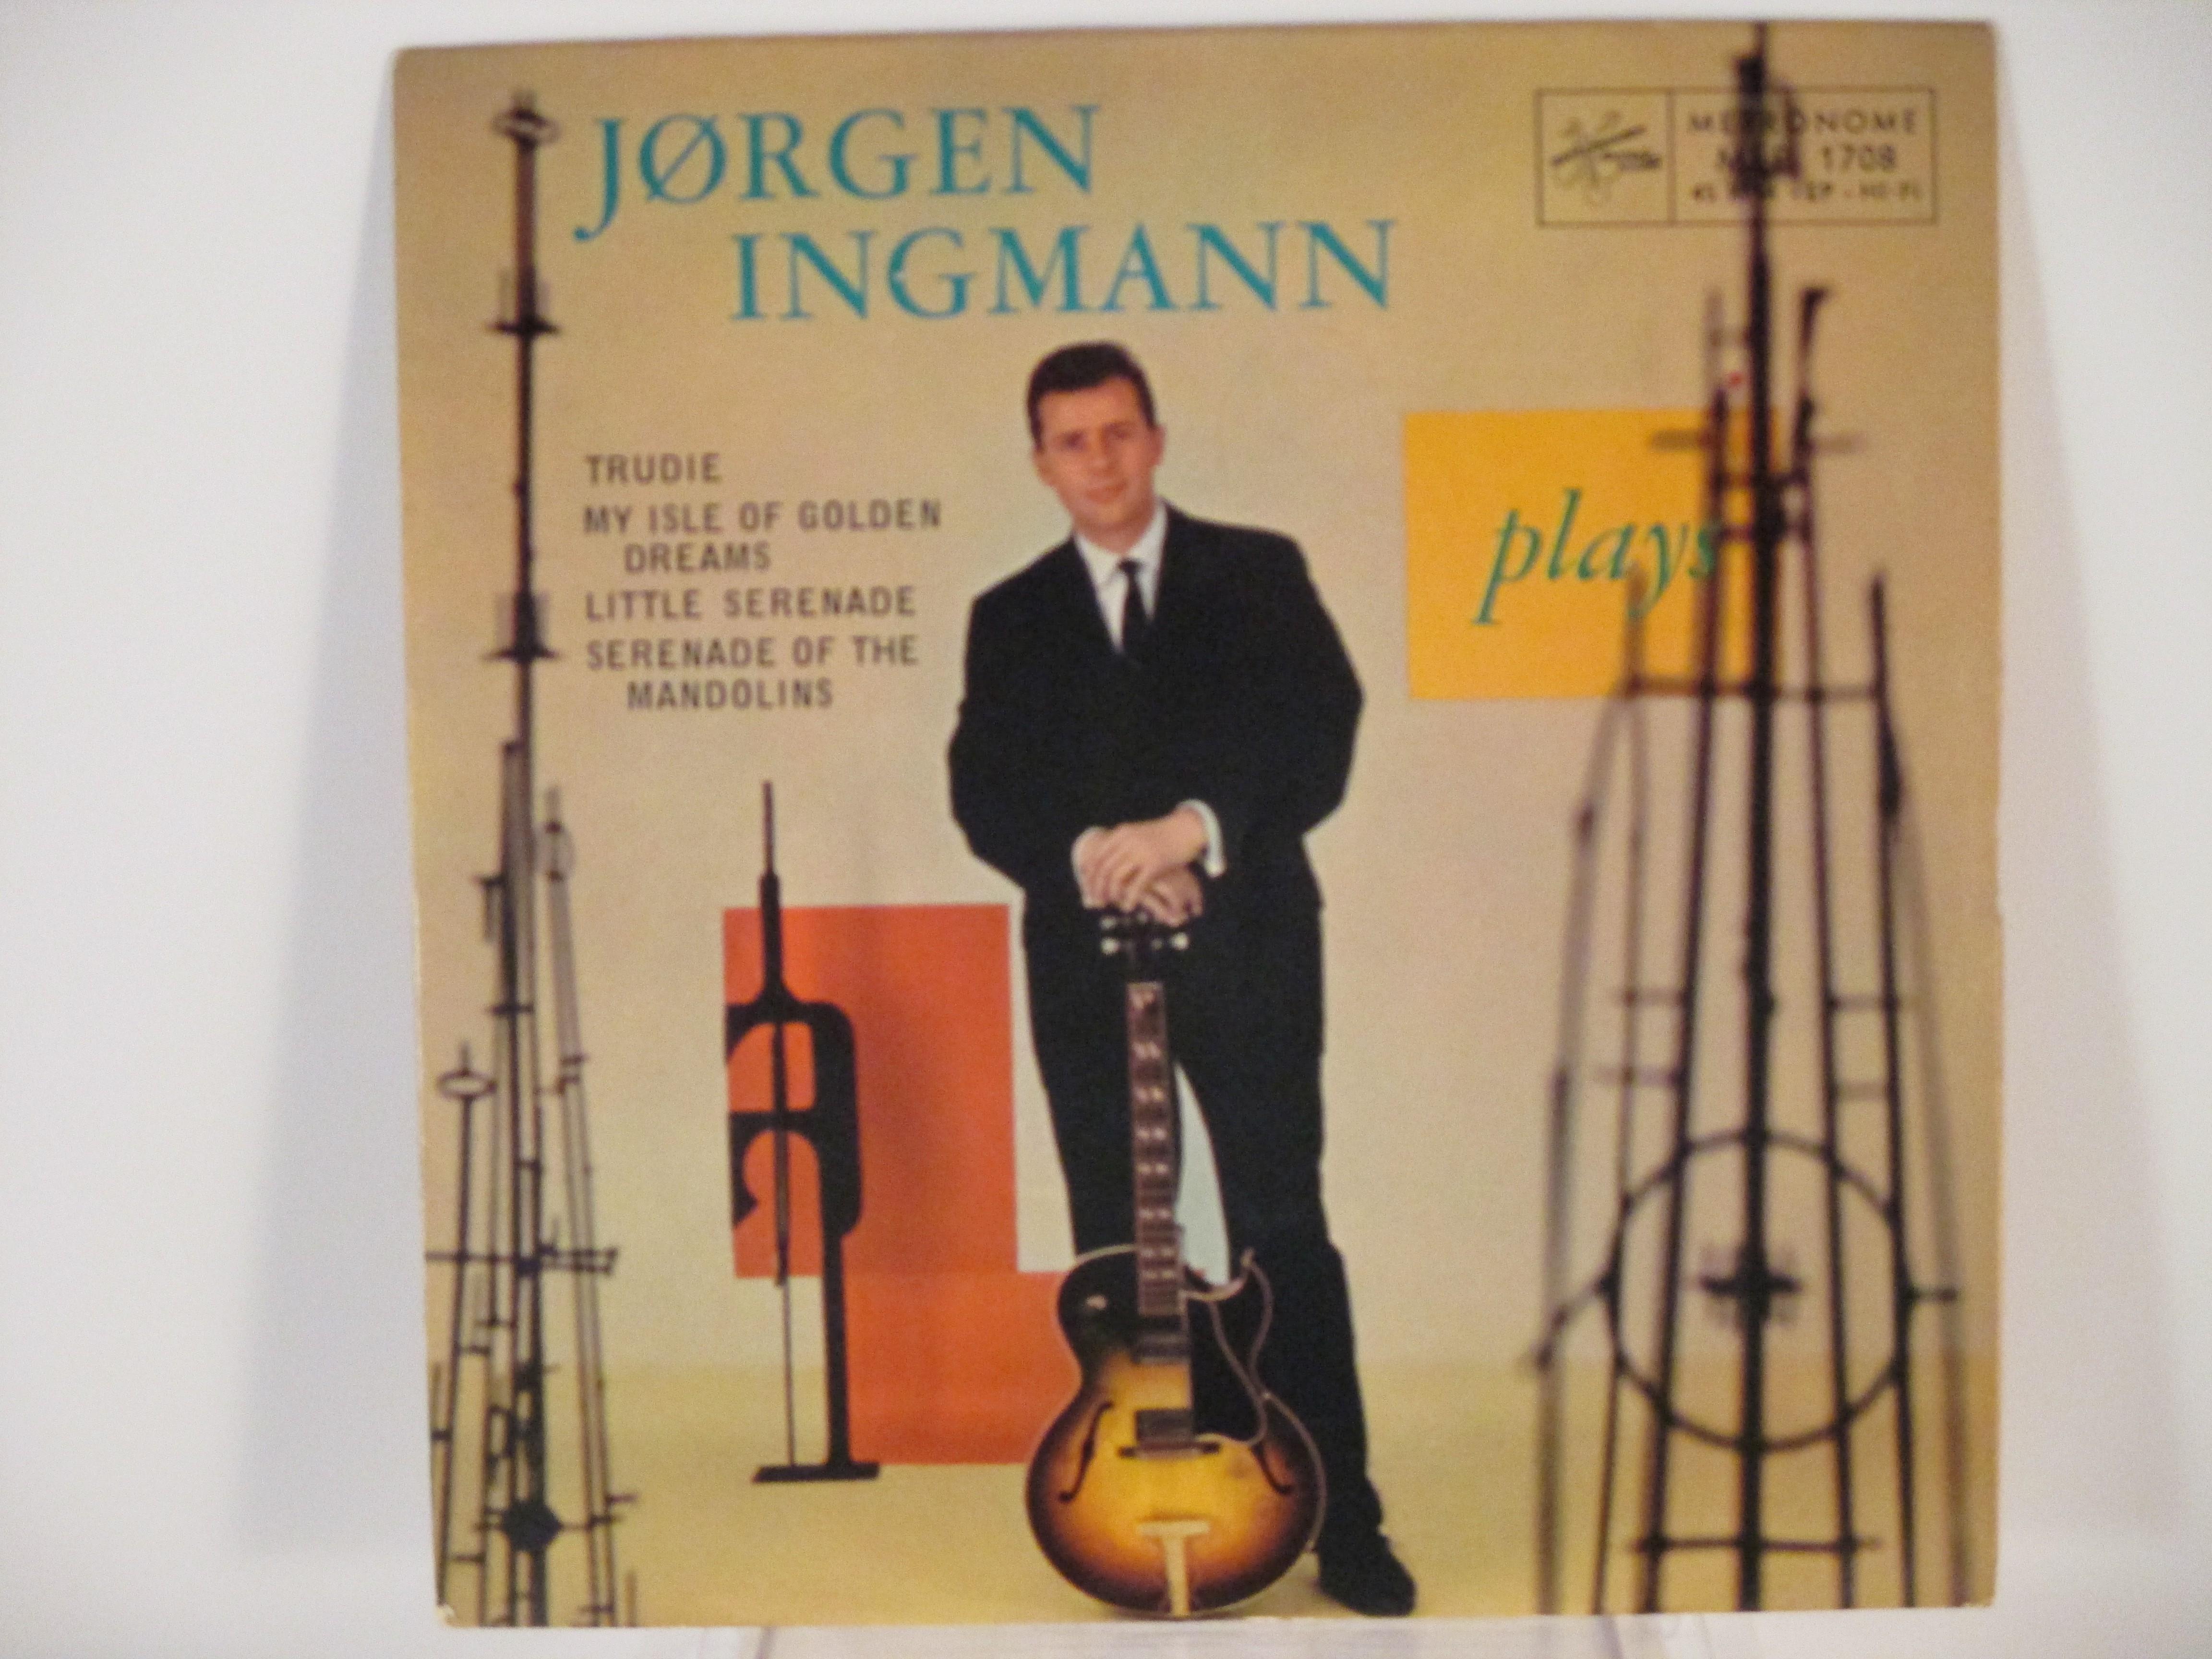 JÖRGEN INGMANN : (EP) Trudie / My isle of golden dreams / Little serenade / Serenade of the mandolins